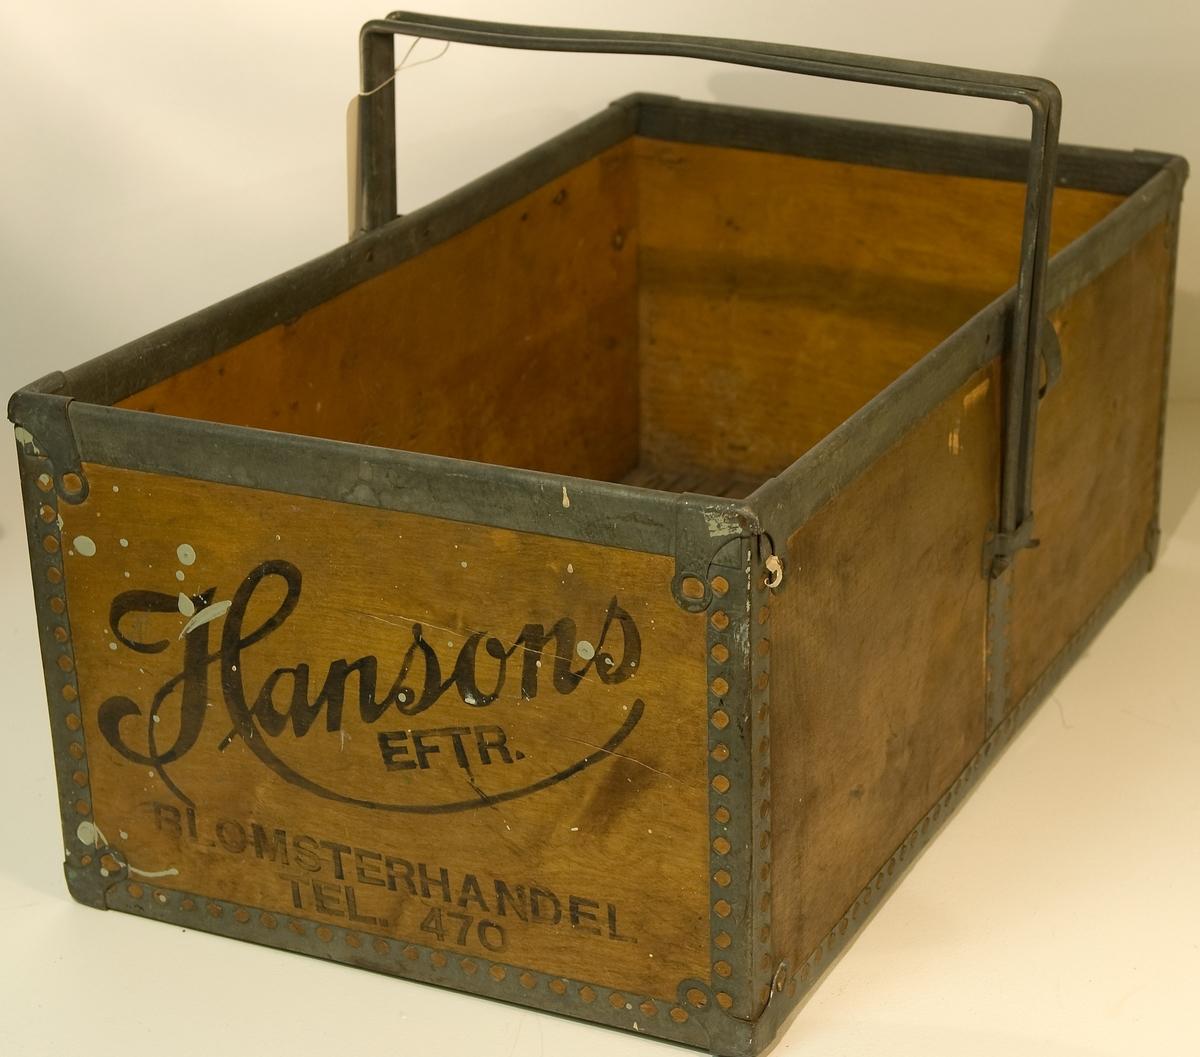 Transportlåda av board förstärkt med metall runt om i alla fogar. Metallhandtag. Märkt Hansons eftr BLOMSTERHANDEL TEL 470. på kortsidorna.